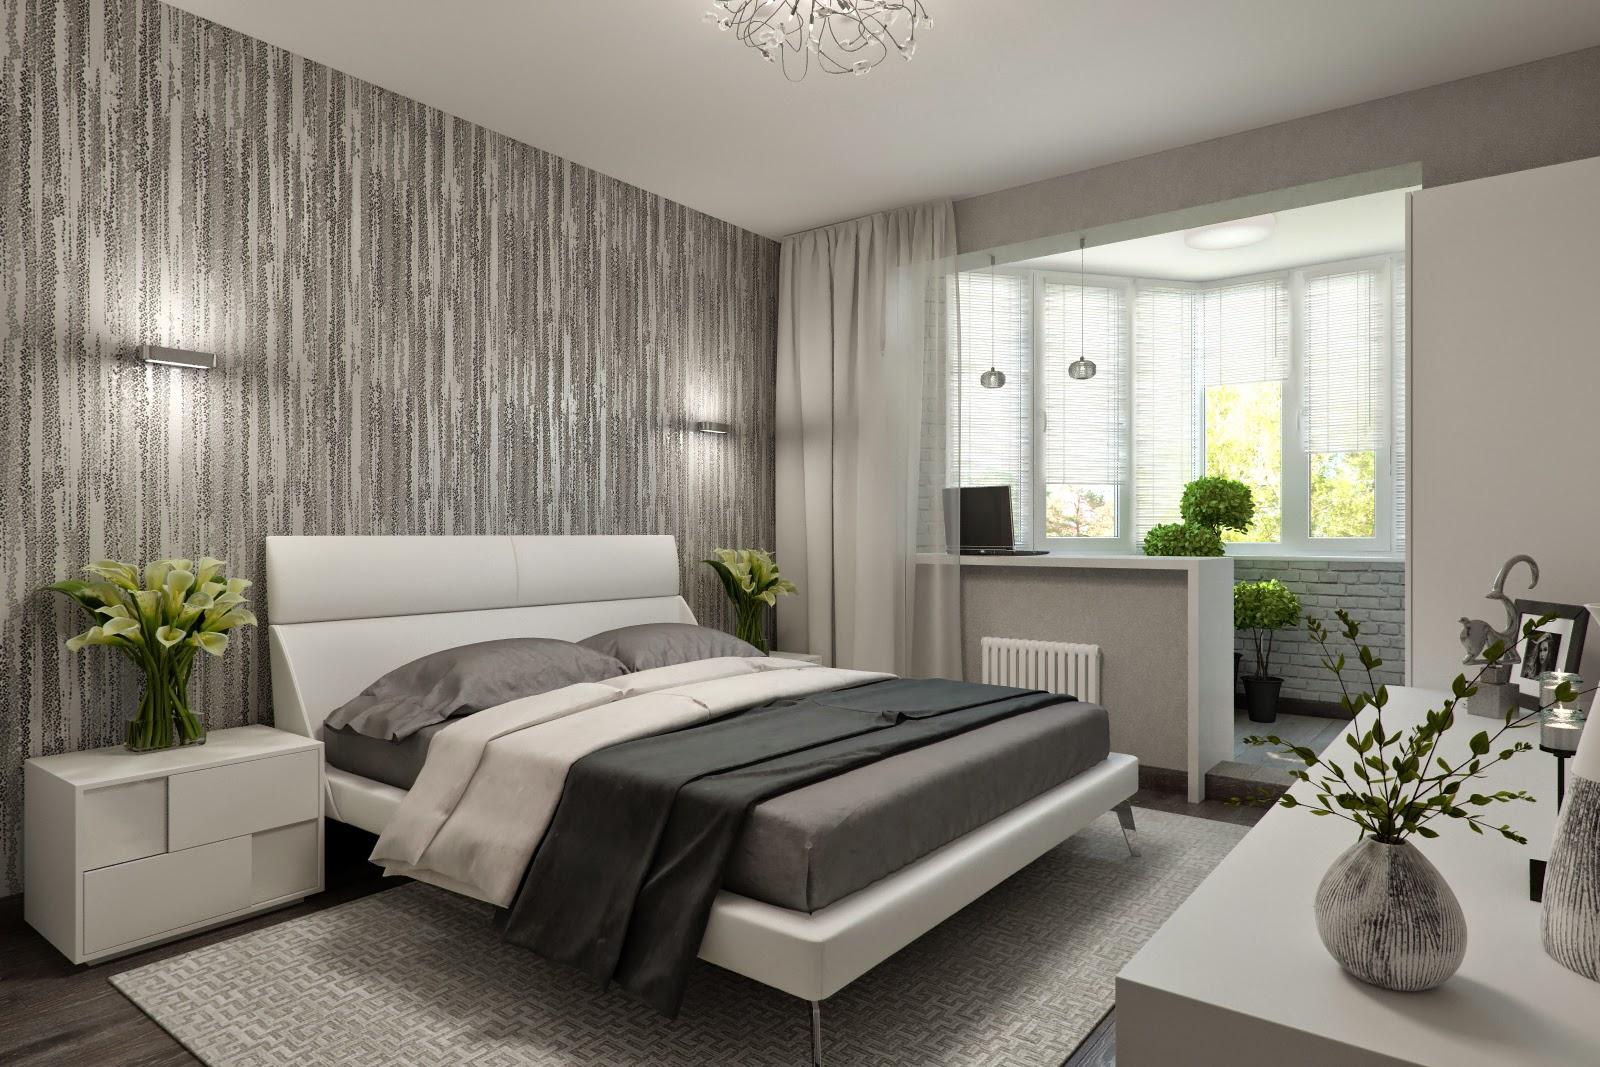 Дизайн спальни с балконом фото.